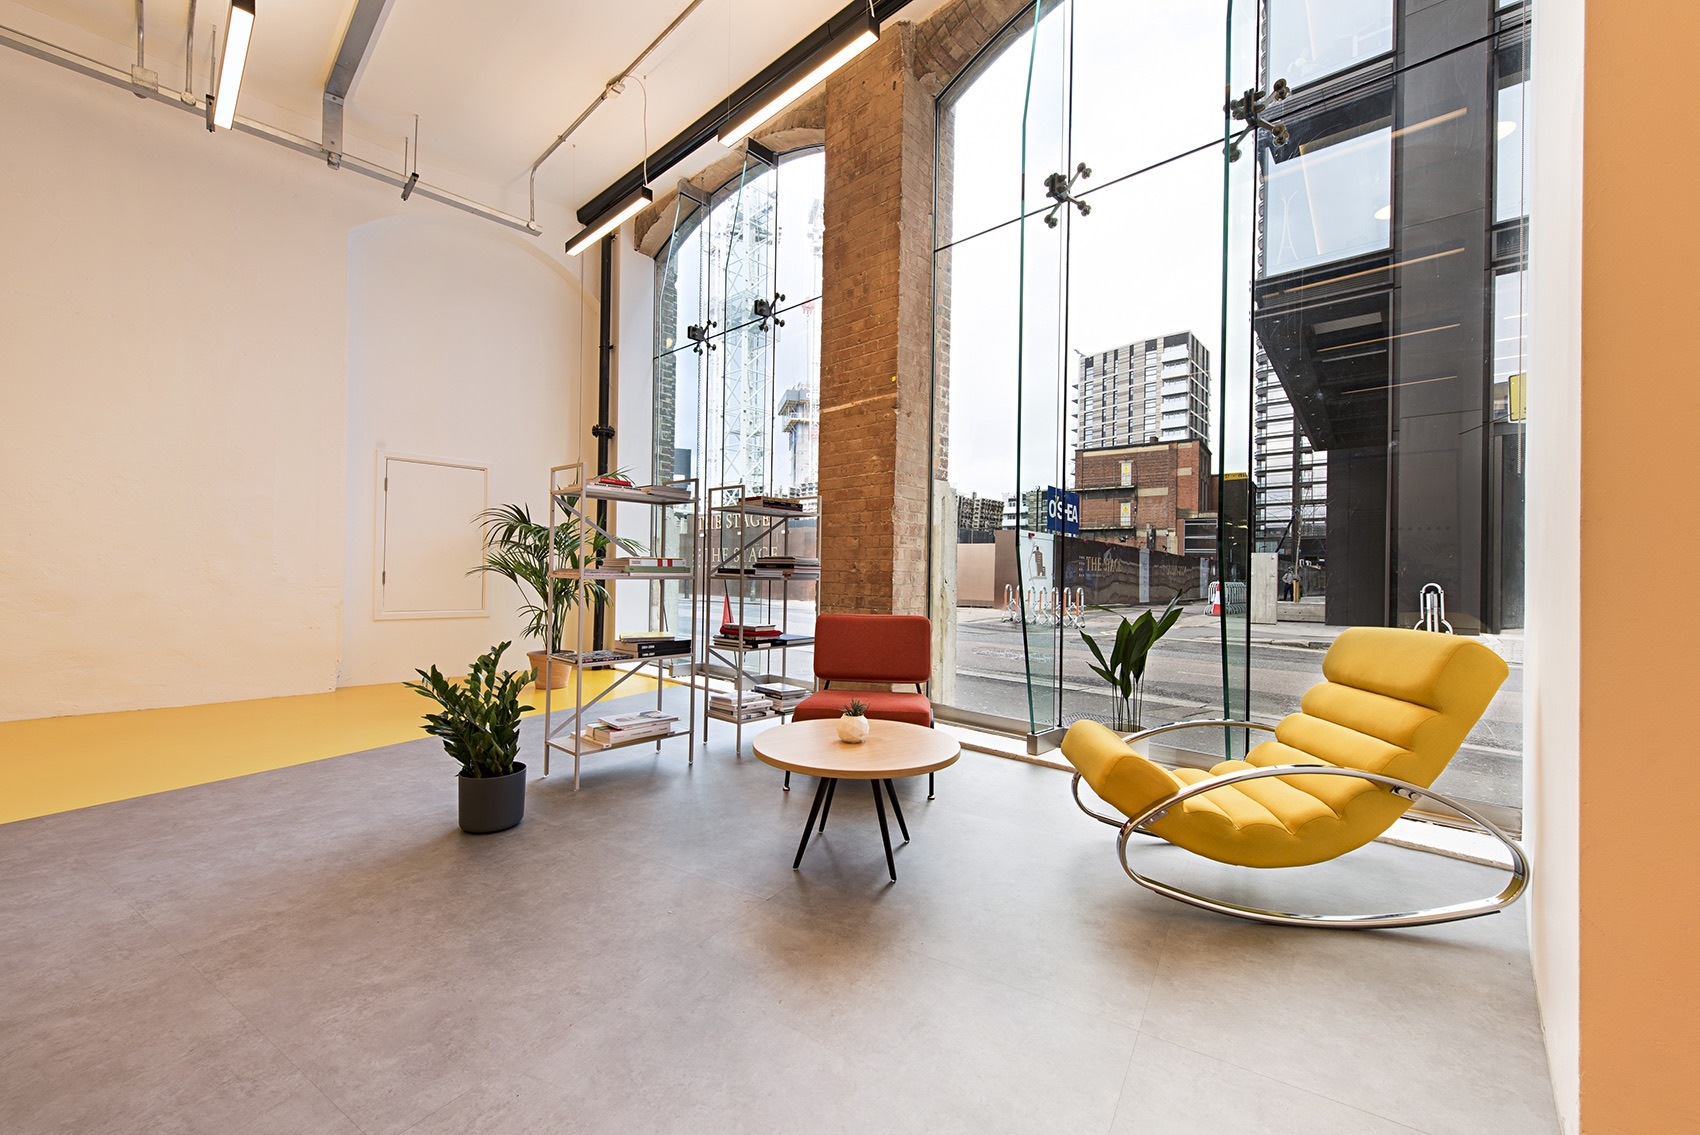 depop-london-office-7